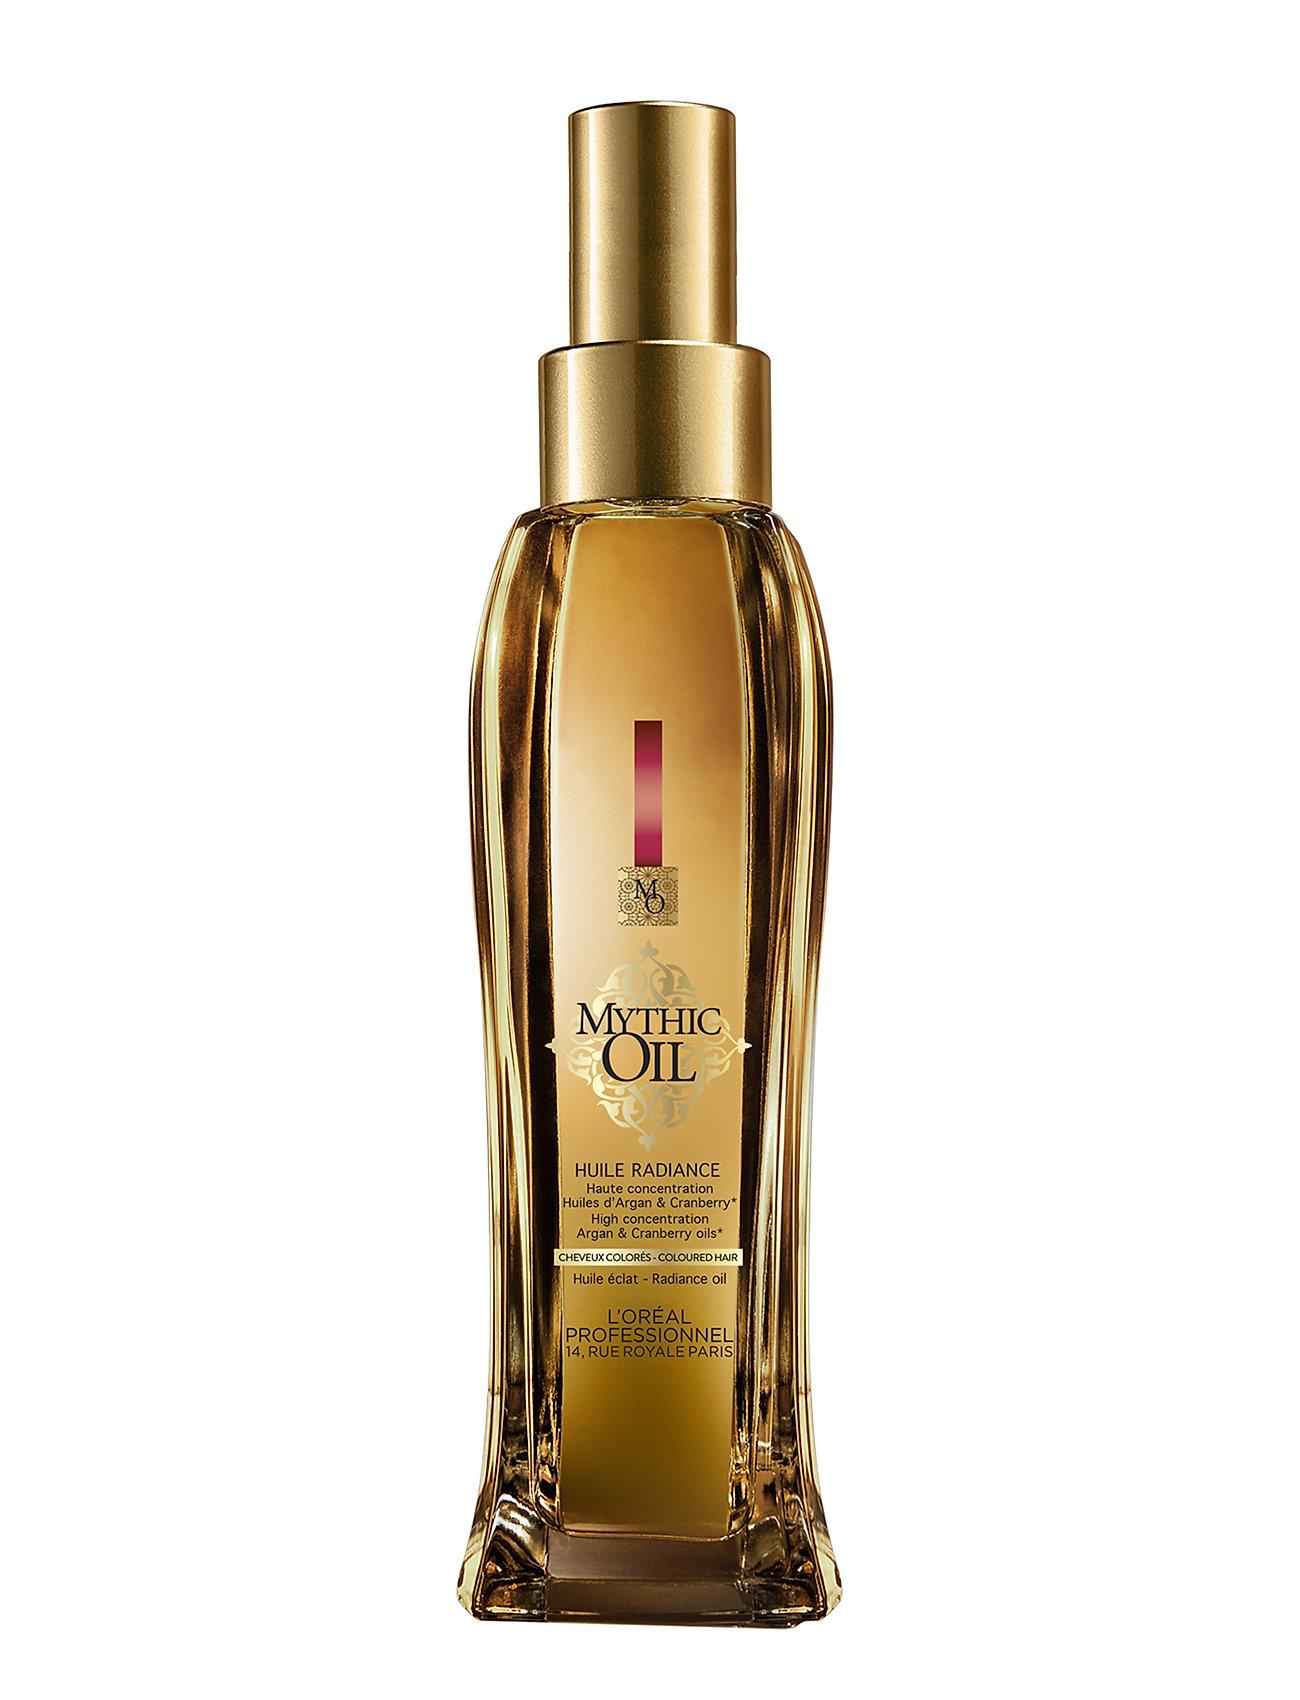 L'OréAl Professionnel Mythic Oil Huile Radiance - L'Oréal Professionnel